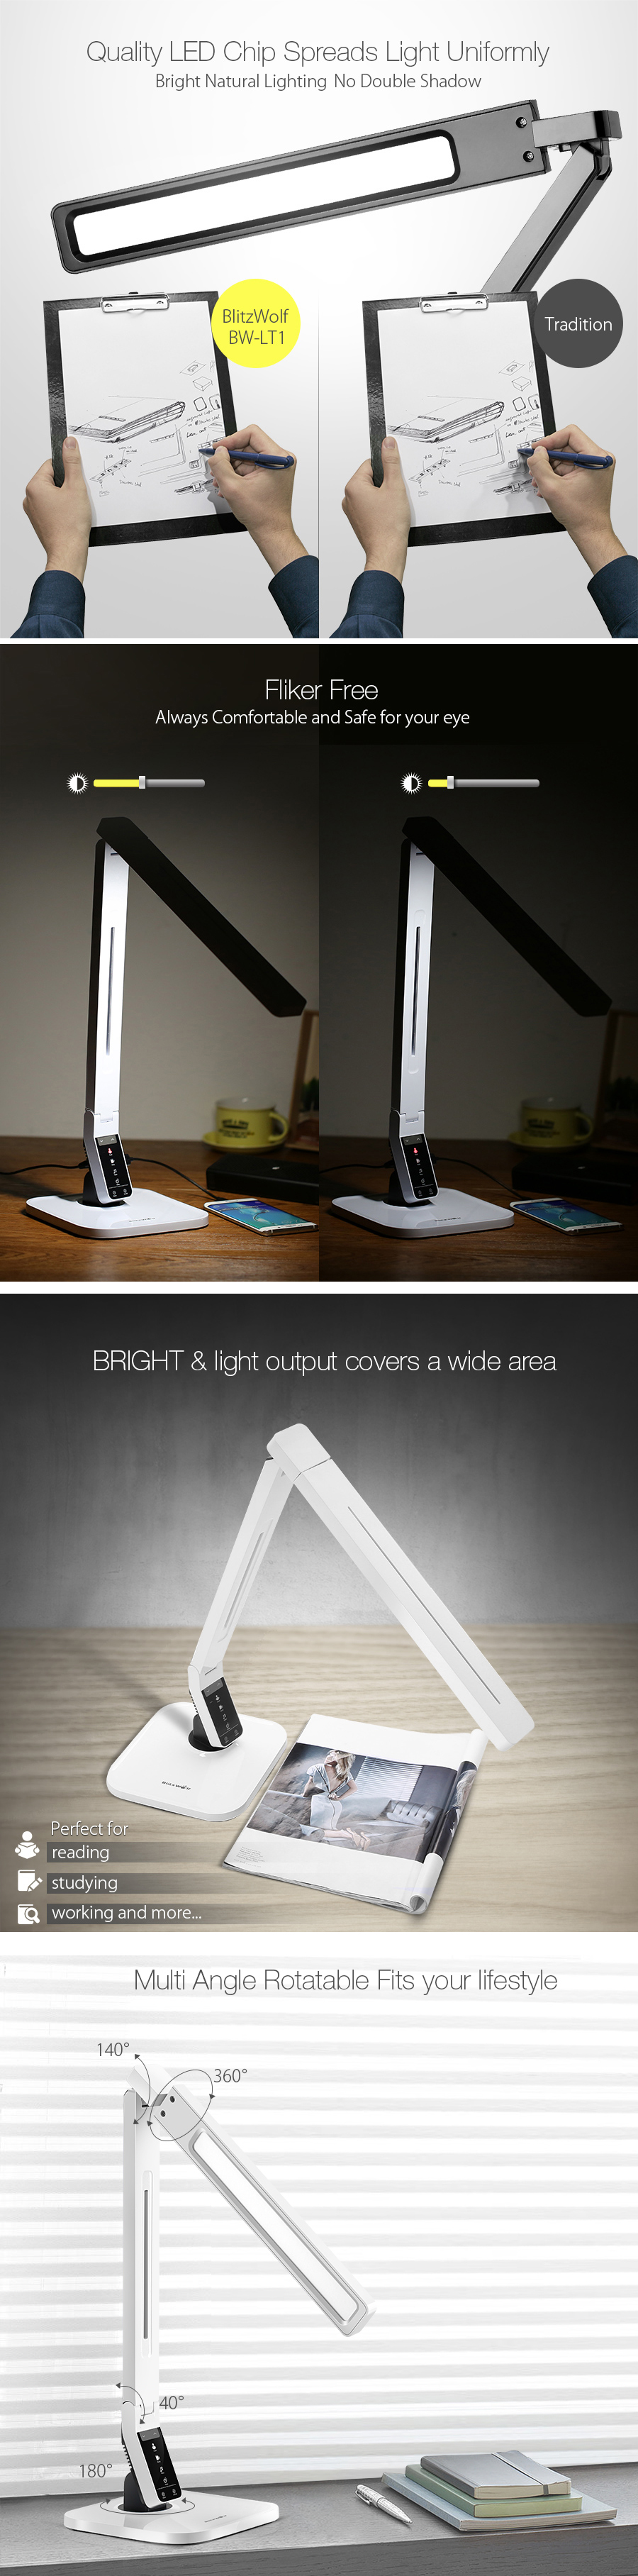 Table lamp vs desk lamp - Blitzwolf Bw Lt1 Eye Protection Smart Led Desk Lamp Table Lamp Light Rotatable Dimmable